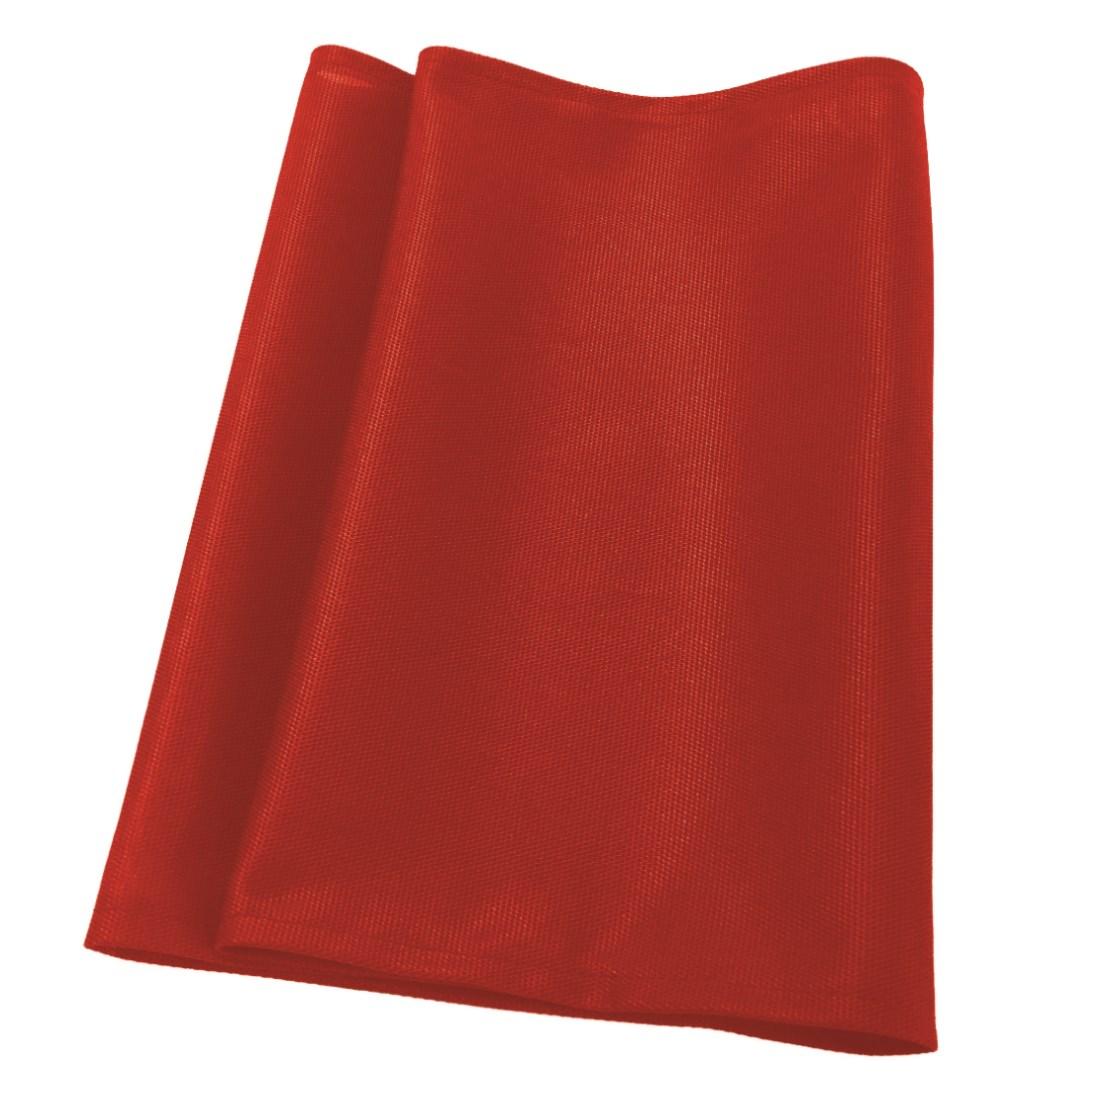 Pokrowiec dekoracyjny do oczyszczaczy powietrza IDEAL AP 30 / 40 PRO - czerwony